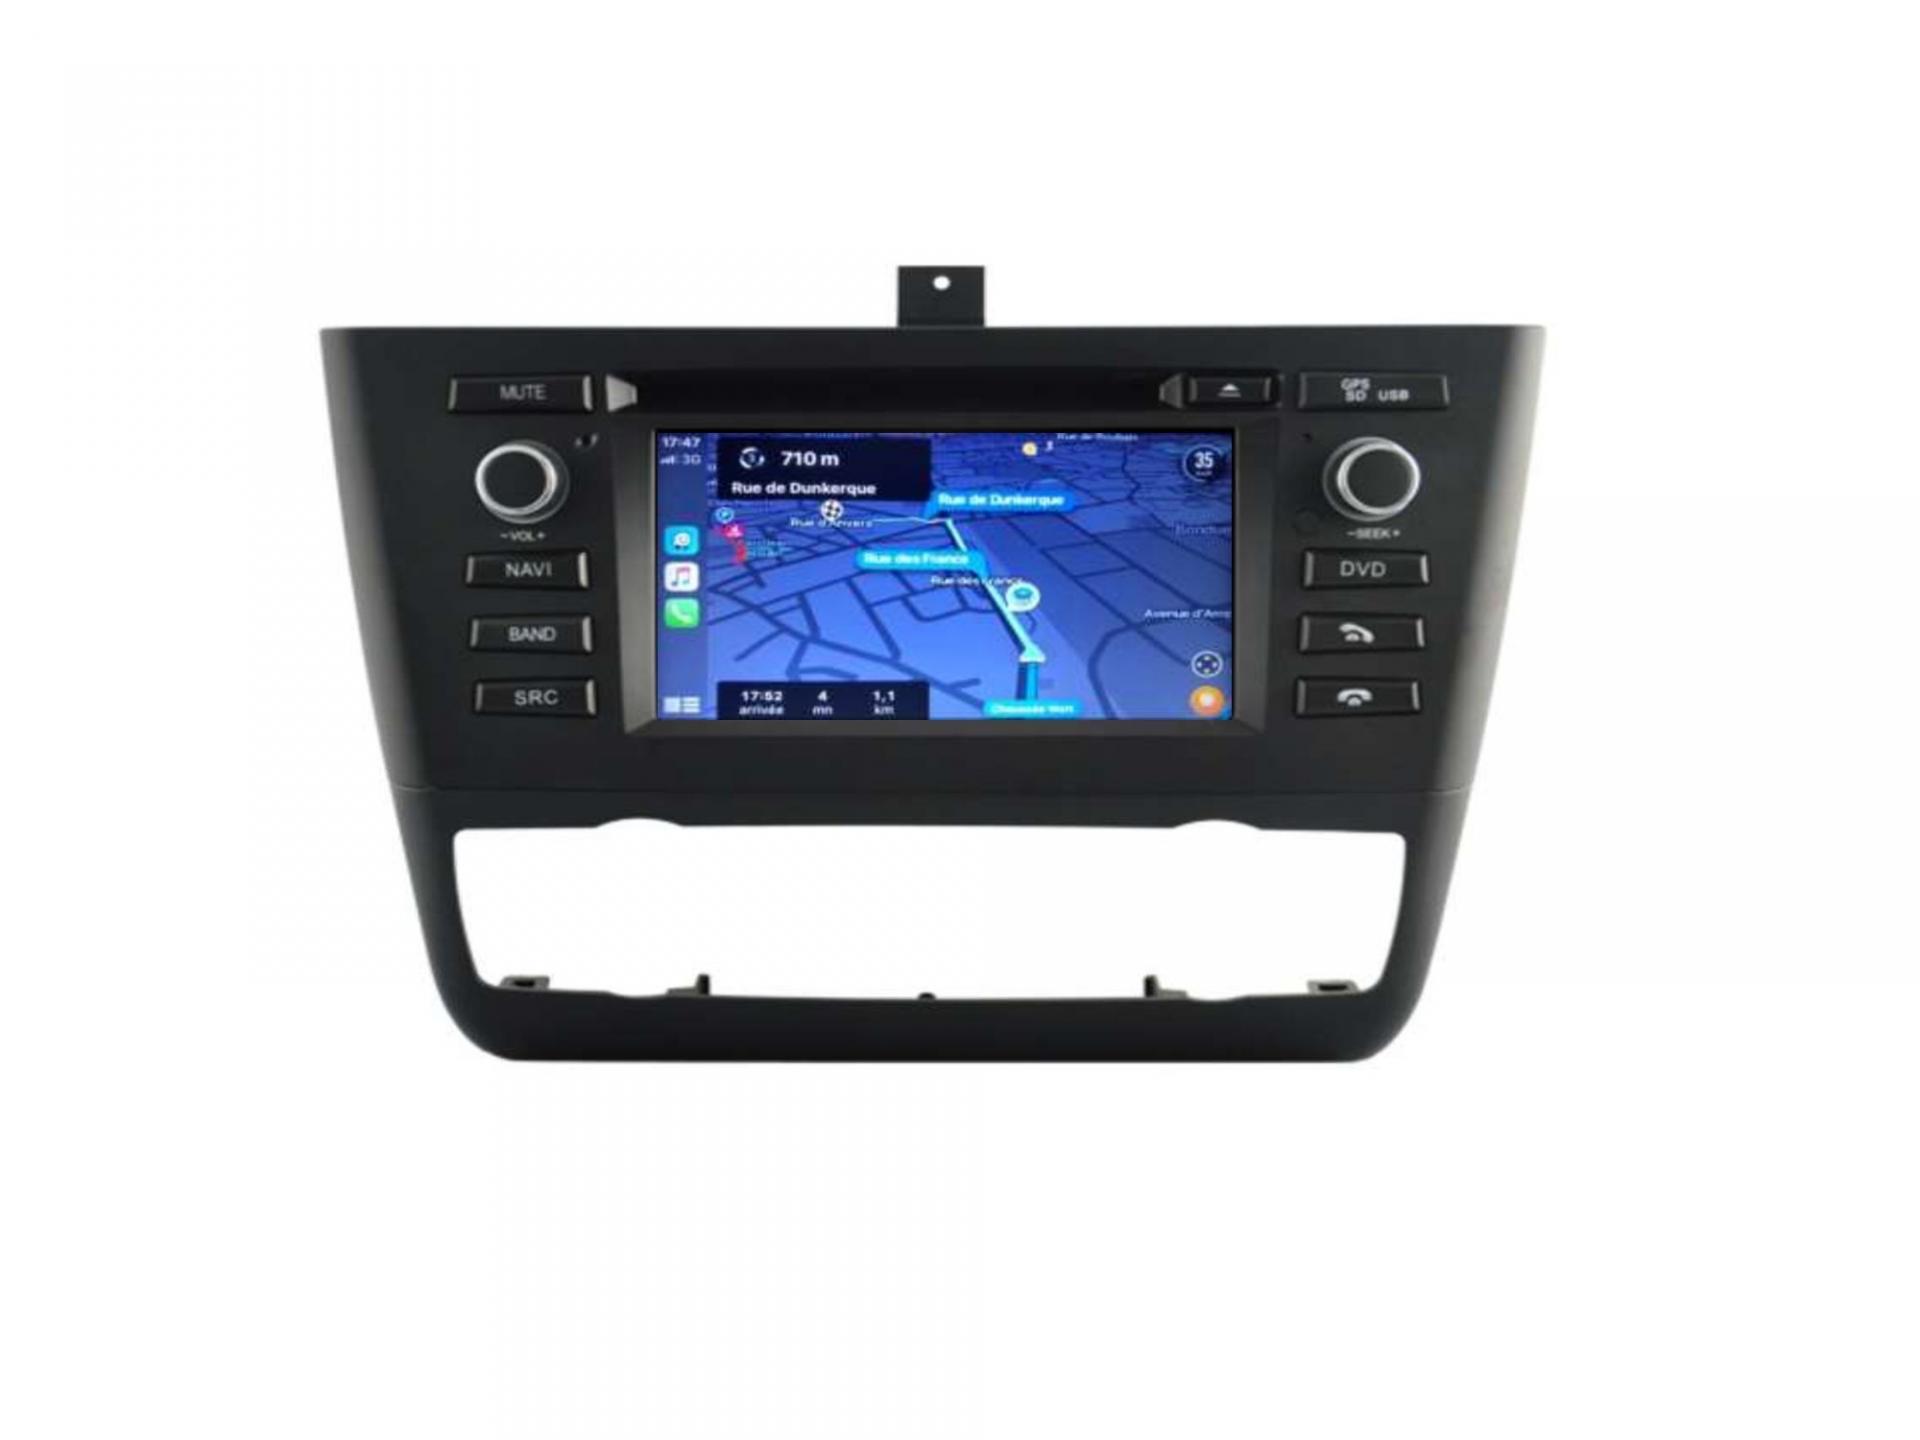 Autoradio gps carplay android auto bluetooth bmw serie 1 e81 e82 e87 e88 3